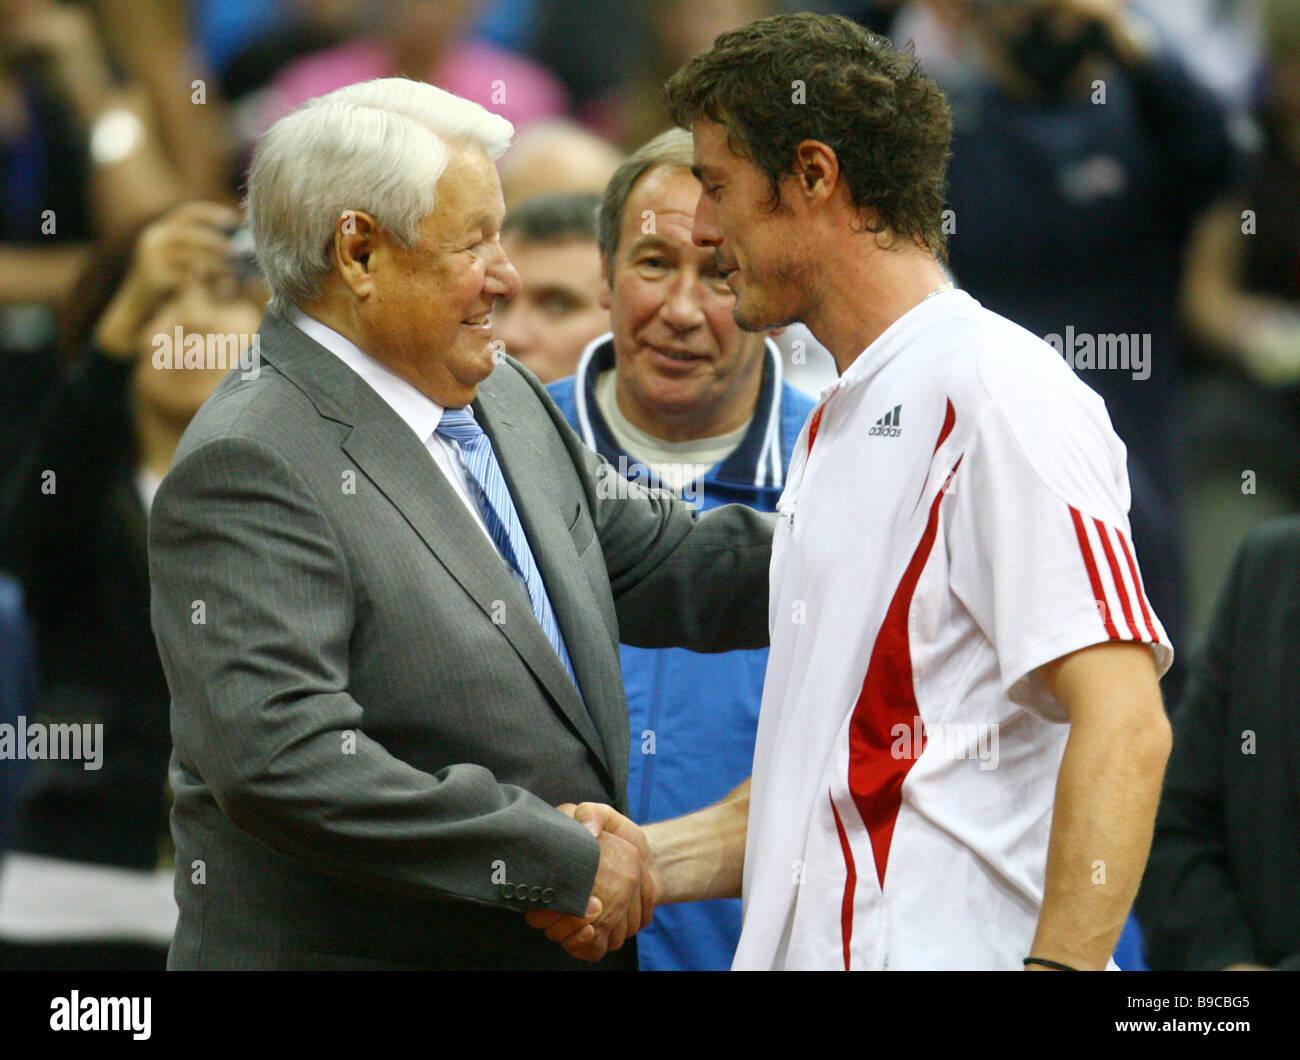 Boris Yeltsin Russia s first President congratulates Marat Safin